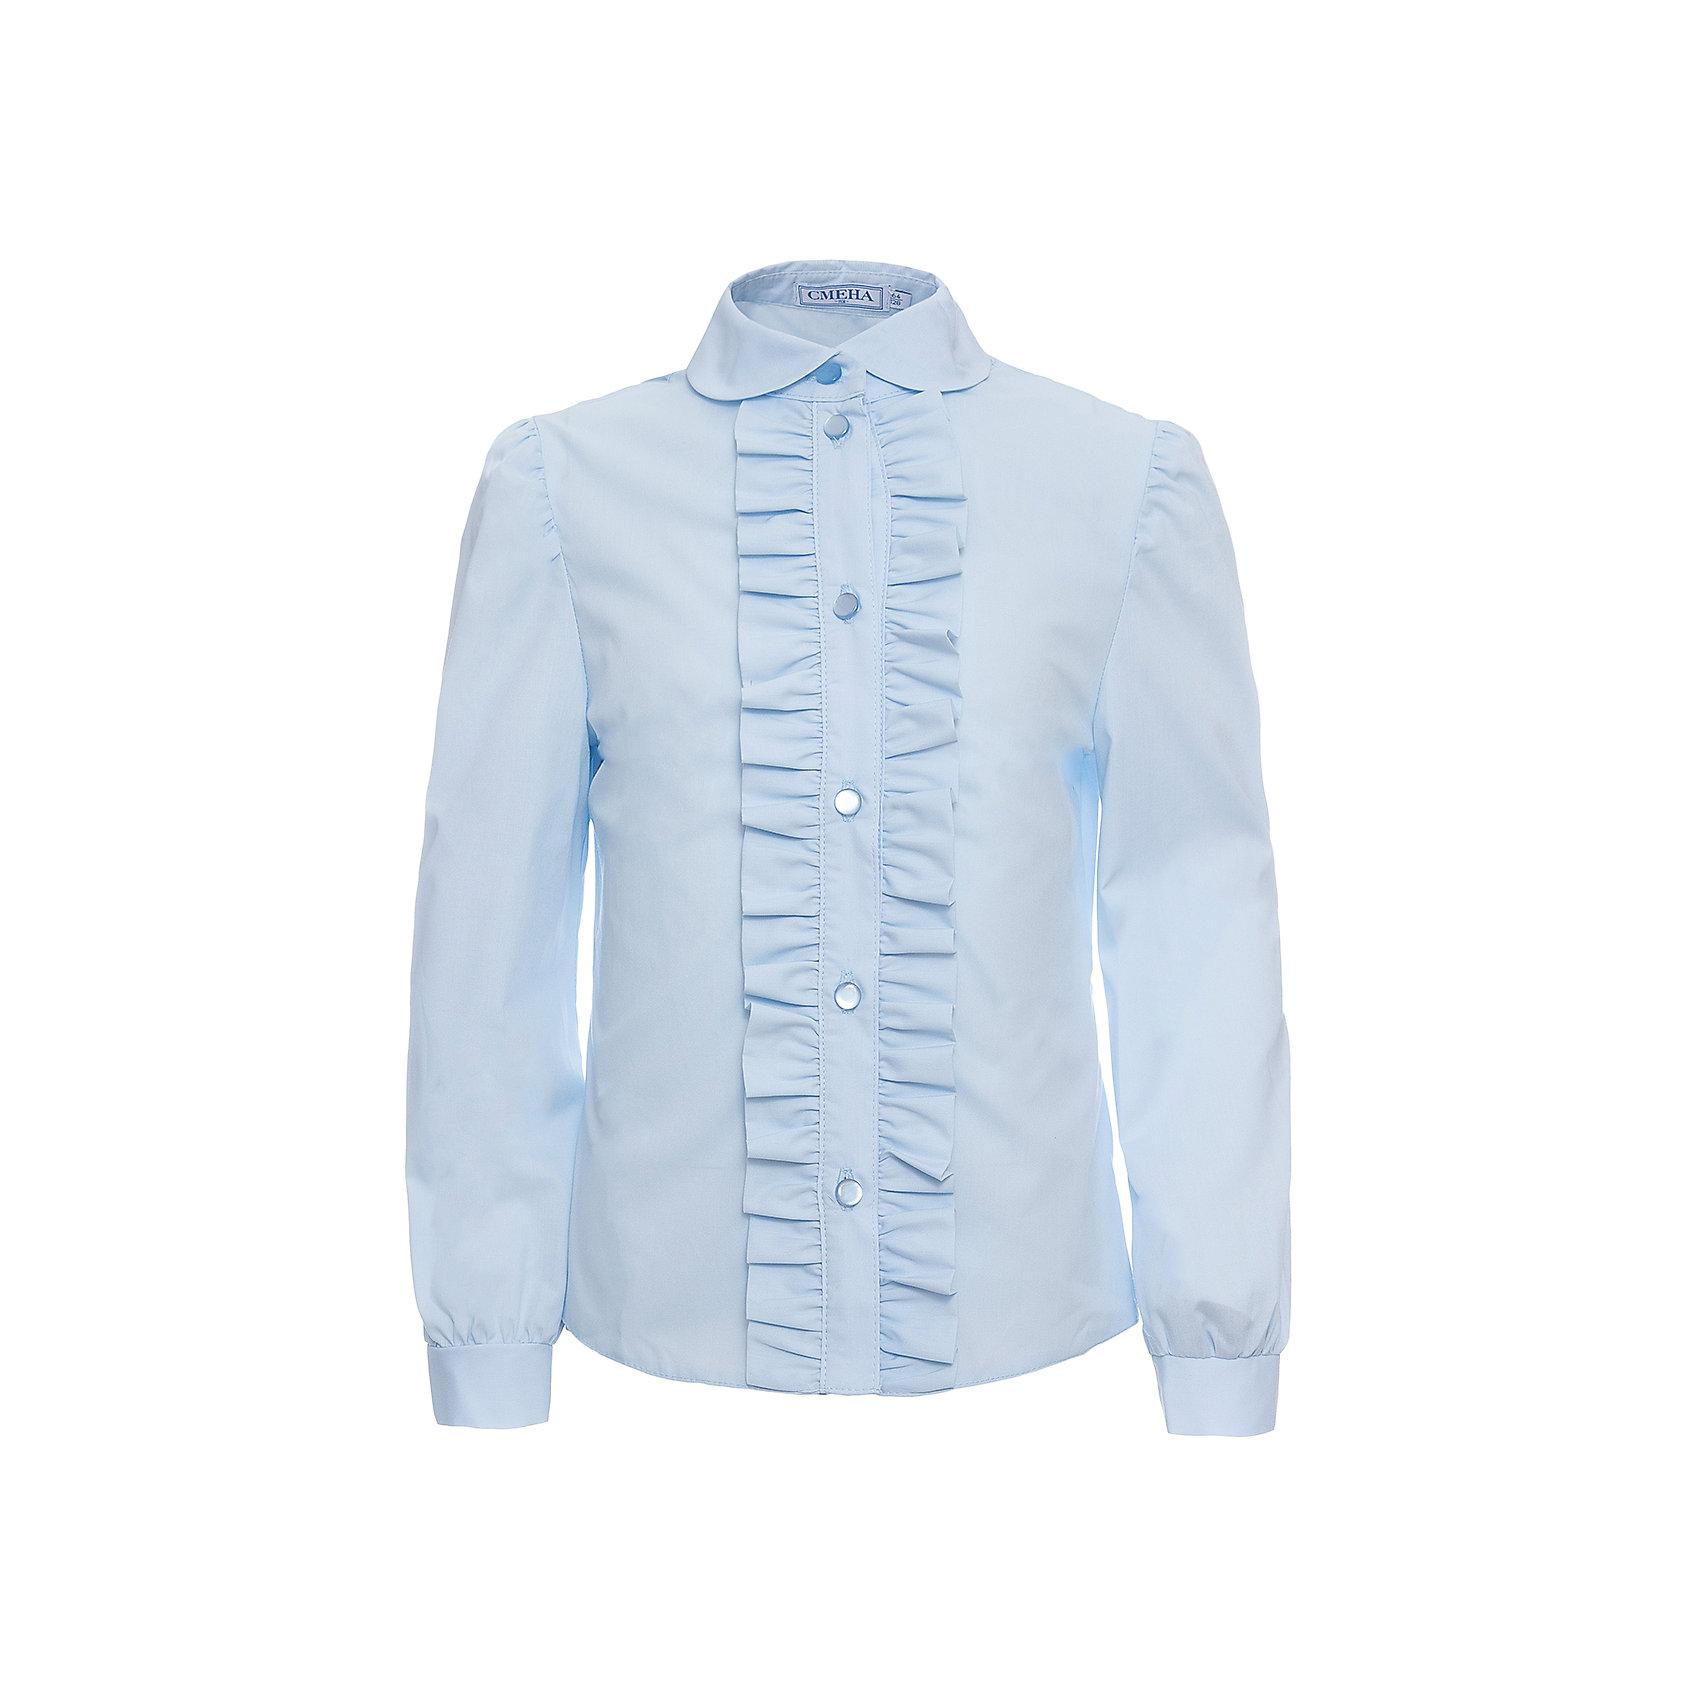 Блузка Смена для девочкиБлузки и рубашки<br>Блузка из смесового хлопка полуприлегающего силуэта с  закруглённым отложным воротником и  длинными втачными рукавами, присборенными у плеча и манжета. Блуза дополнена оборками вдоль планки. <br>Состав:<br>60% Хлопок,40% Полиэстер.<br><br>Ширина мм: 186<br>Глубина мм: 87<br>Высота мм: 198<br>Вес г: 197<br>Цвет: голубой<br>Возраст от месяцев: 132<br>Возраст до месяцев: 144<br>Пол: Женский<br>Возраст: Детский<br>Размер: 152,122,128,140,146,158,164,134<br>SKU: 6982853